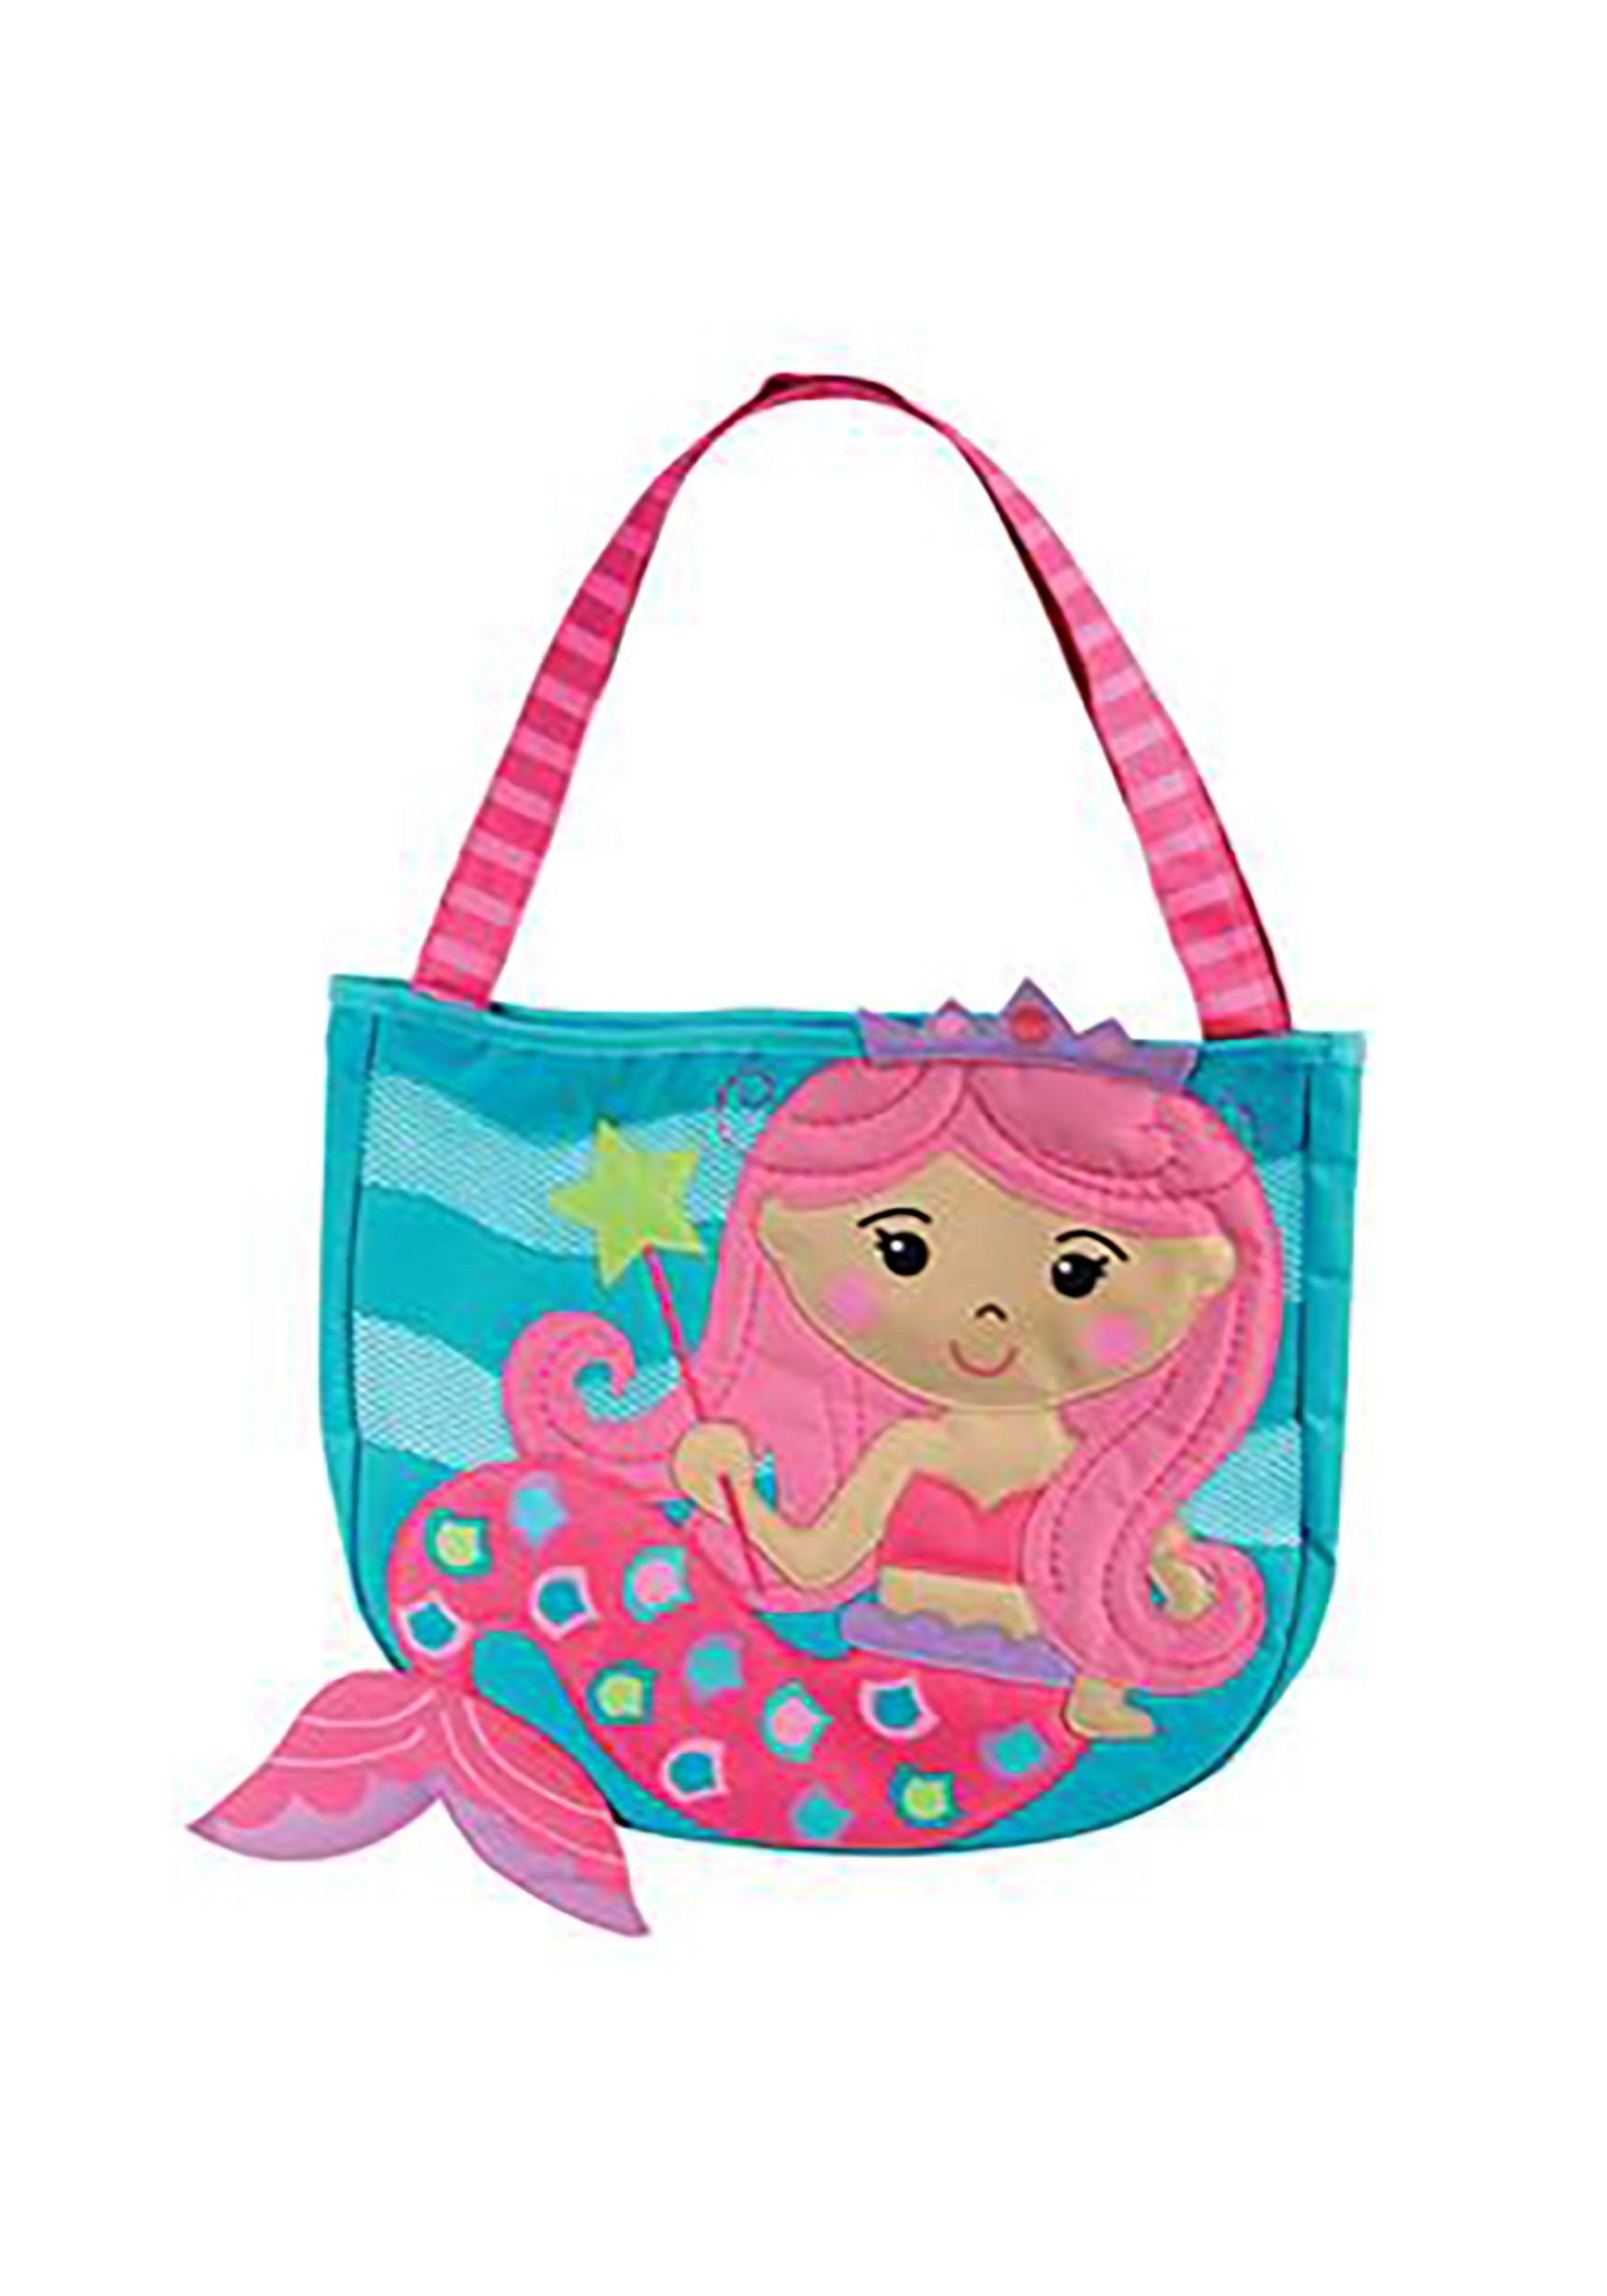 Mermaid Funny Shopper Shoulder Mermaids Have More Fun Large Beach Tote Bag